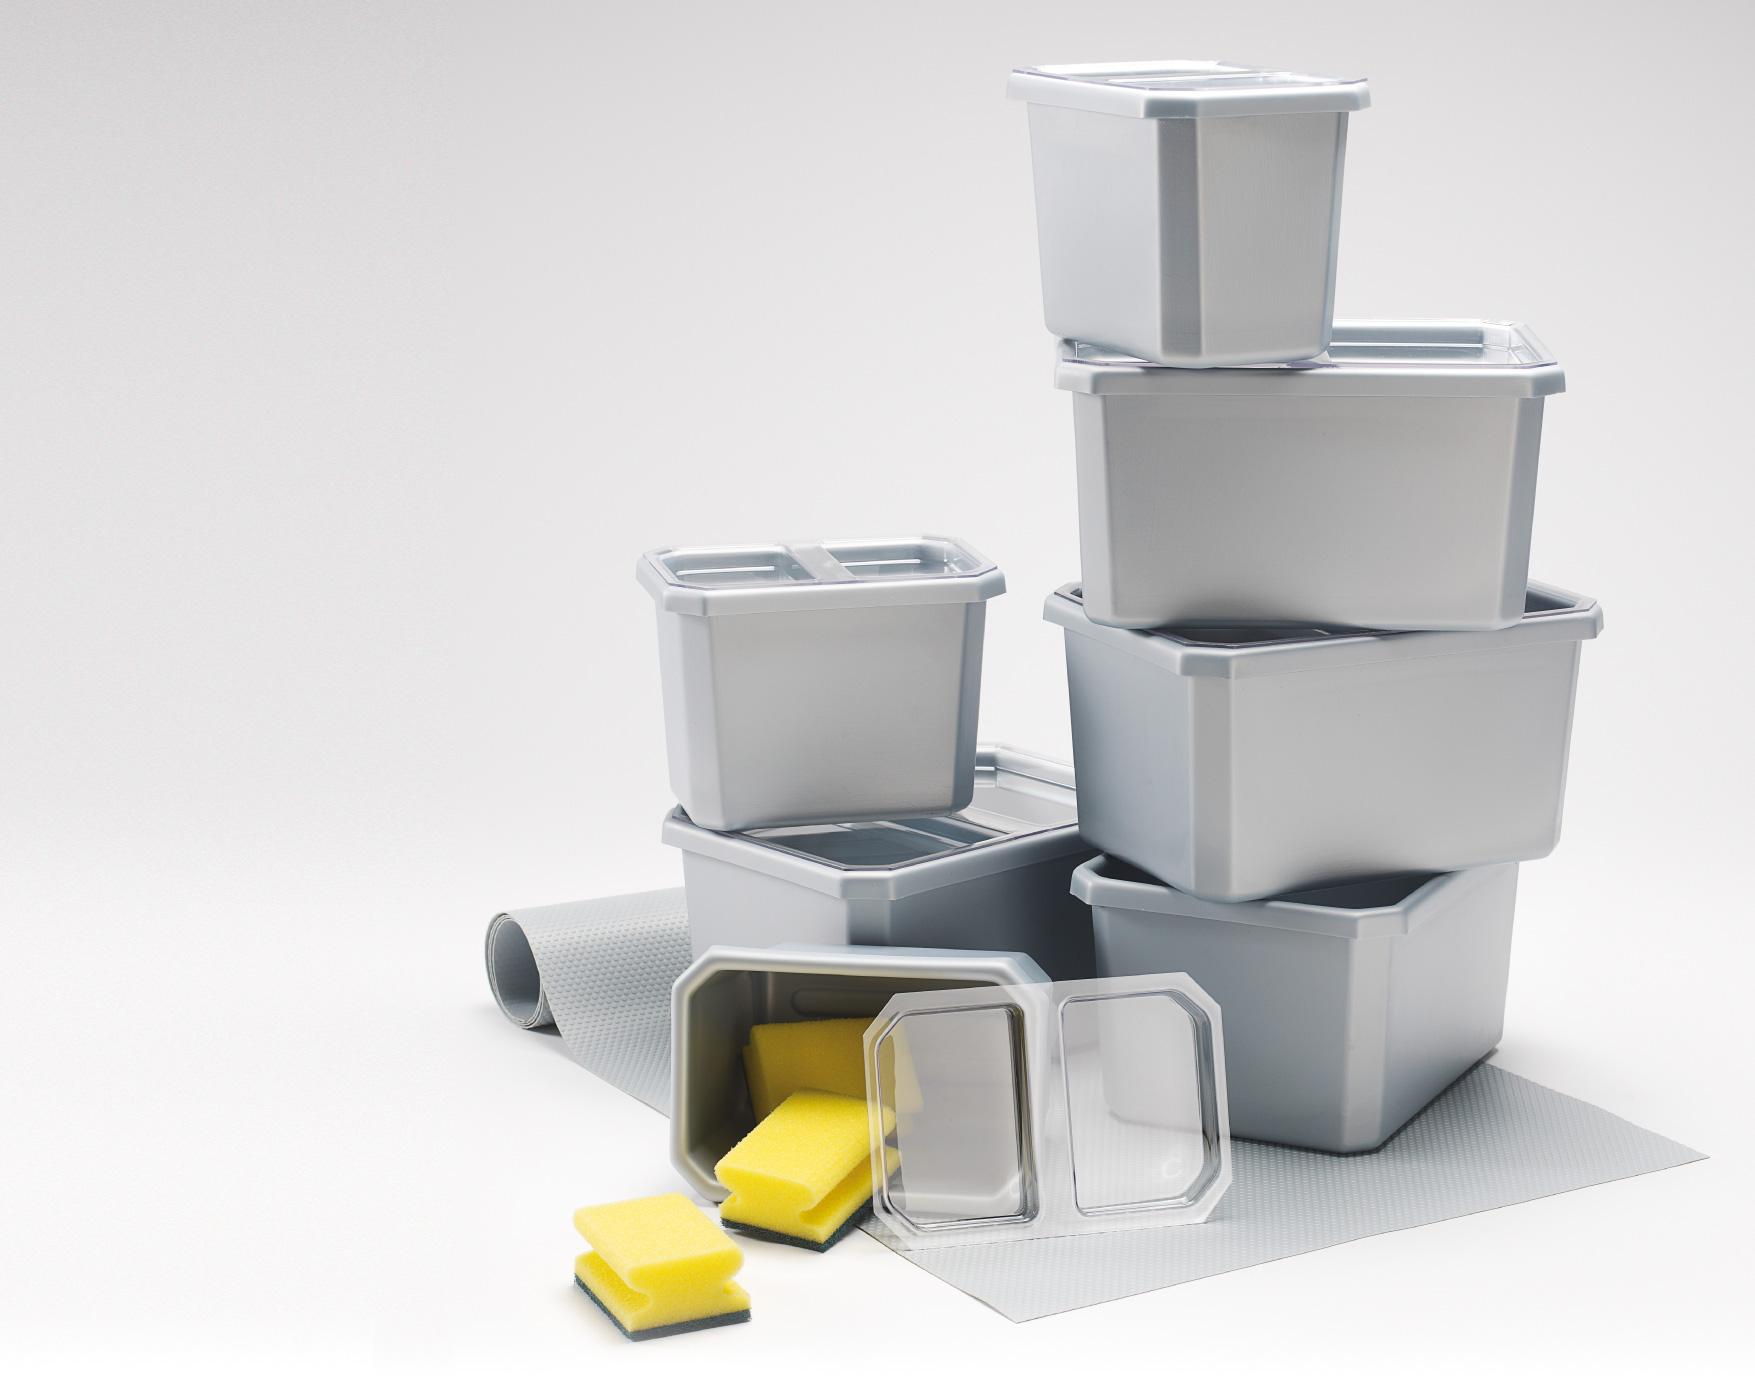 Vorratsbehälter Kunststoff container dirks kunststoff kunststoff formteile tiefziehteile vacuum formteile